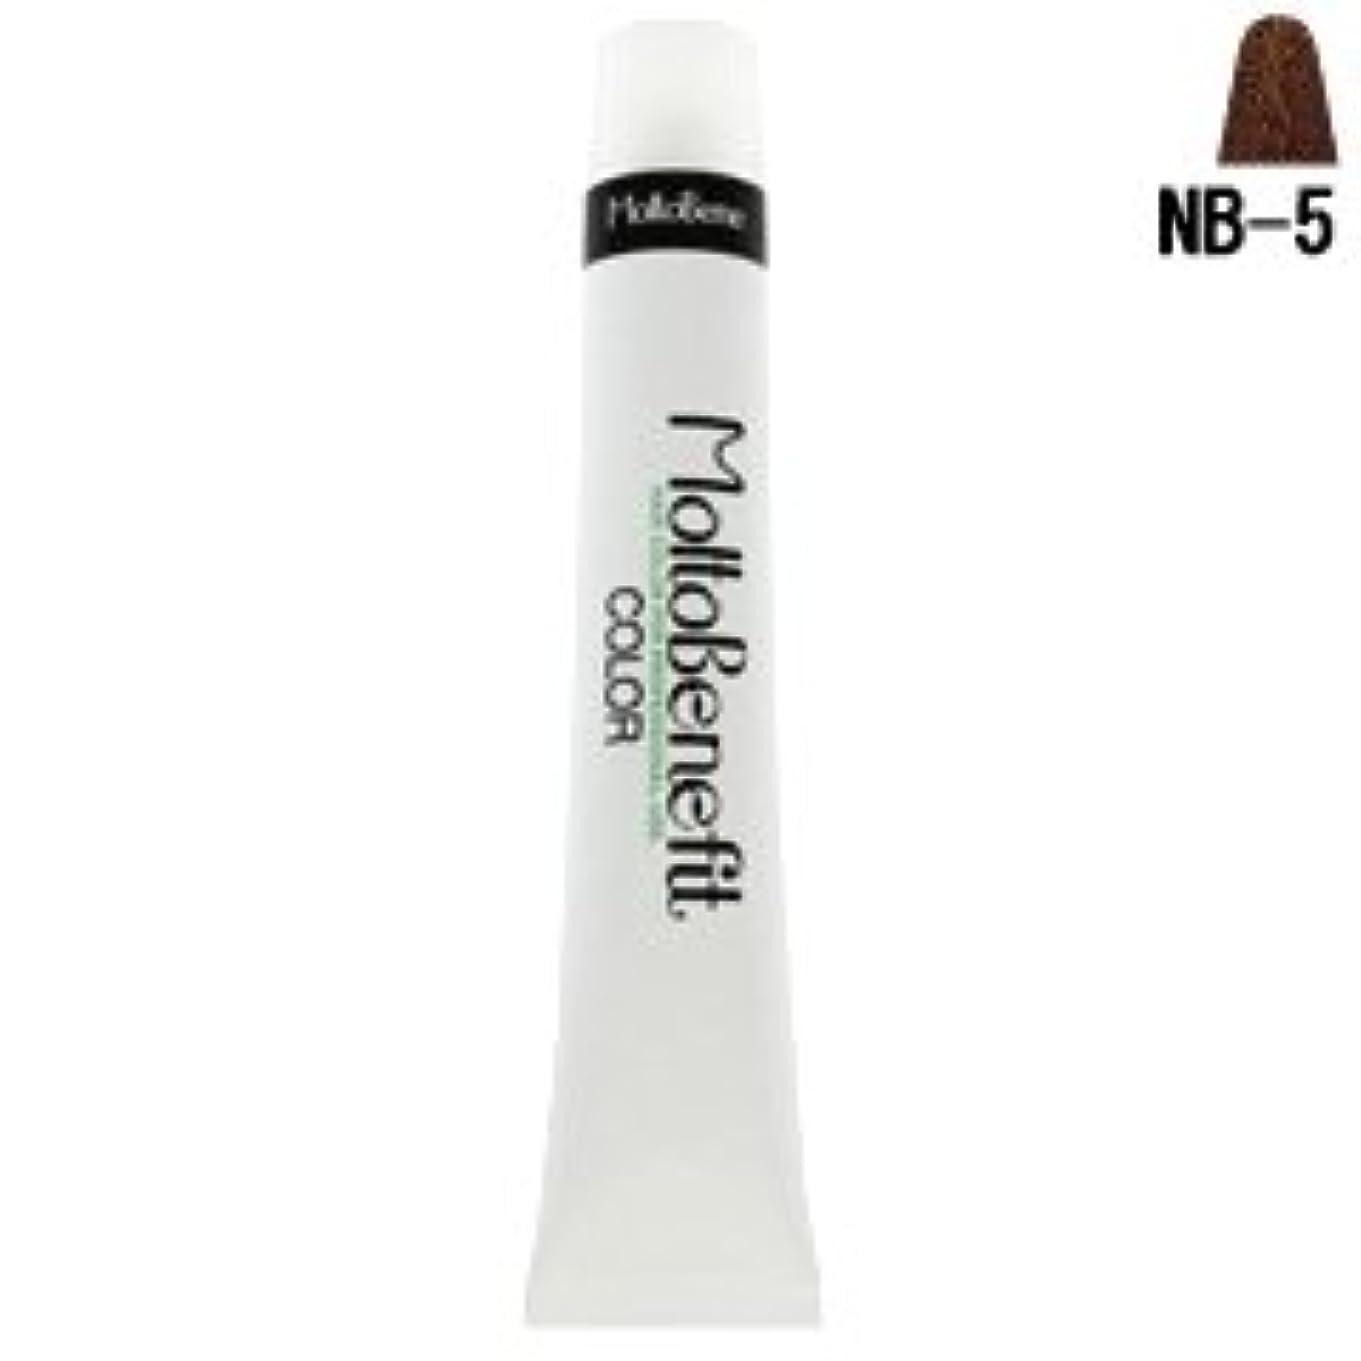 イルそれるゲートウェイ【モルトベーネ】フィットカラー グレイナチュラルカラー NB-5 ナチュラルブラウン 60g